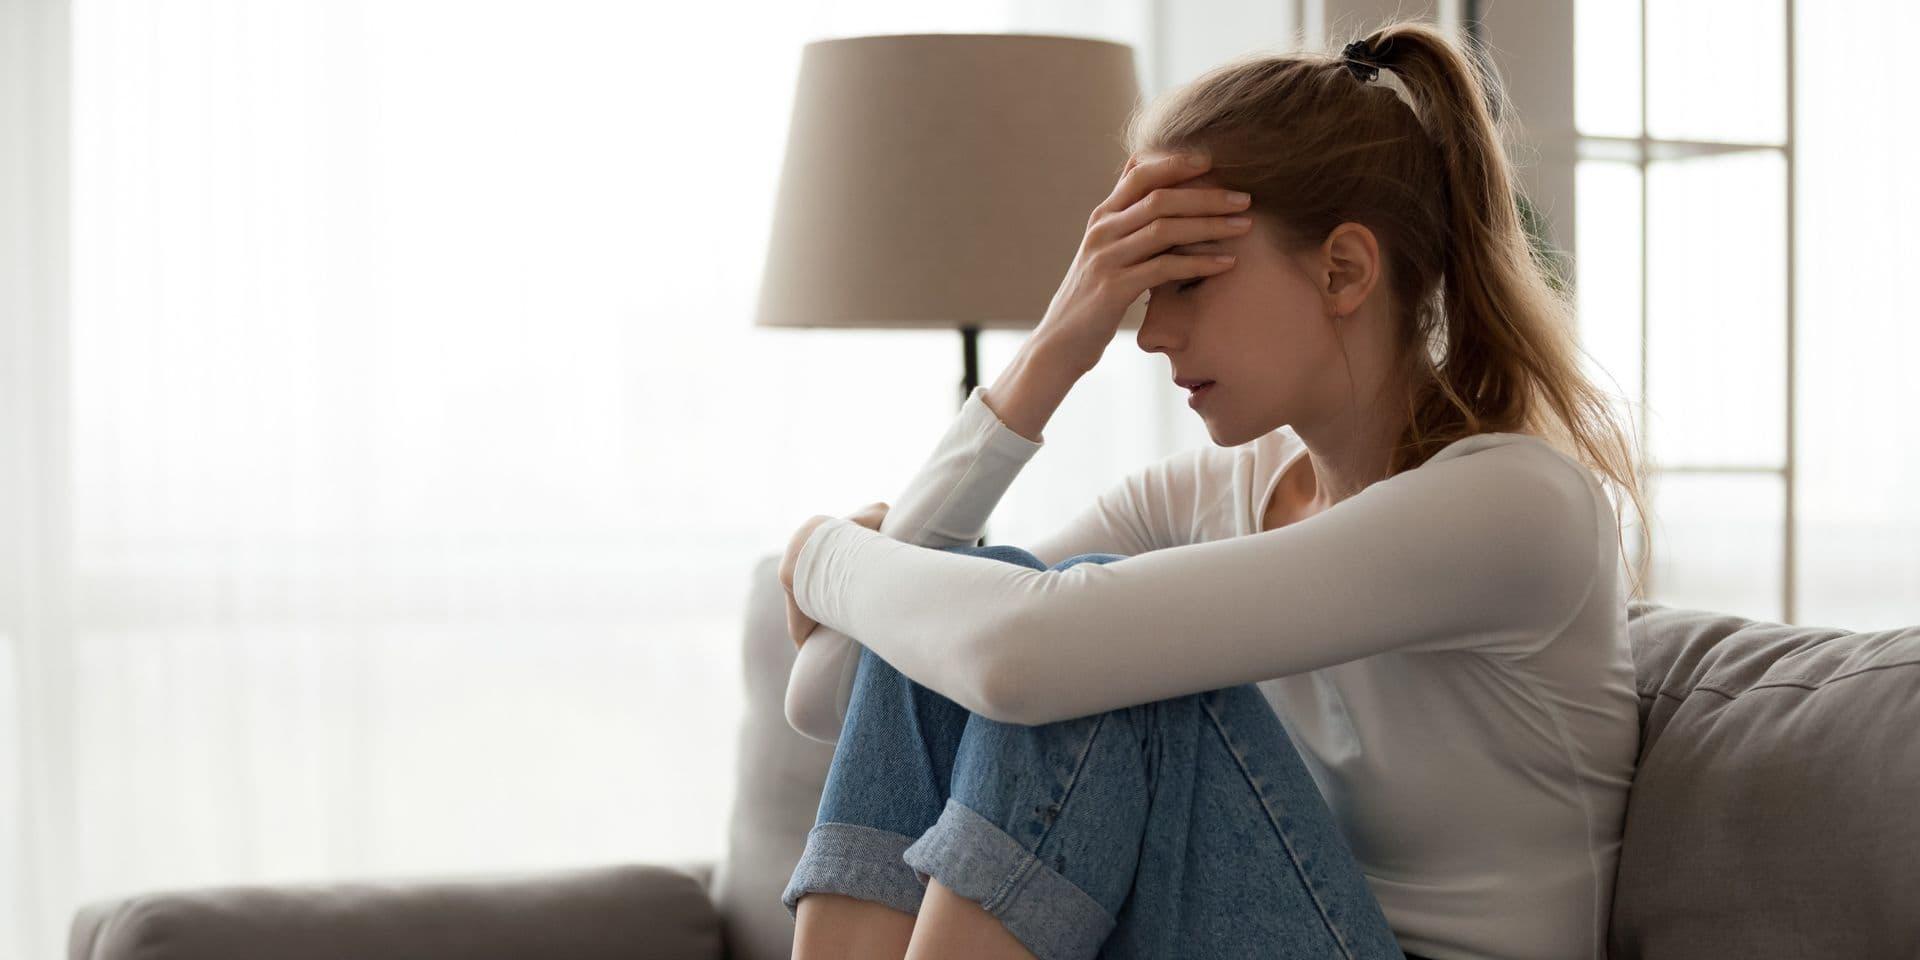 Coronavirus : Les femmes souffrent davantage de la crise sanitaire d'après un rapport